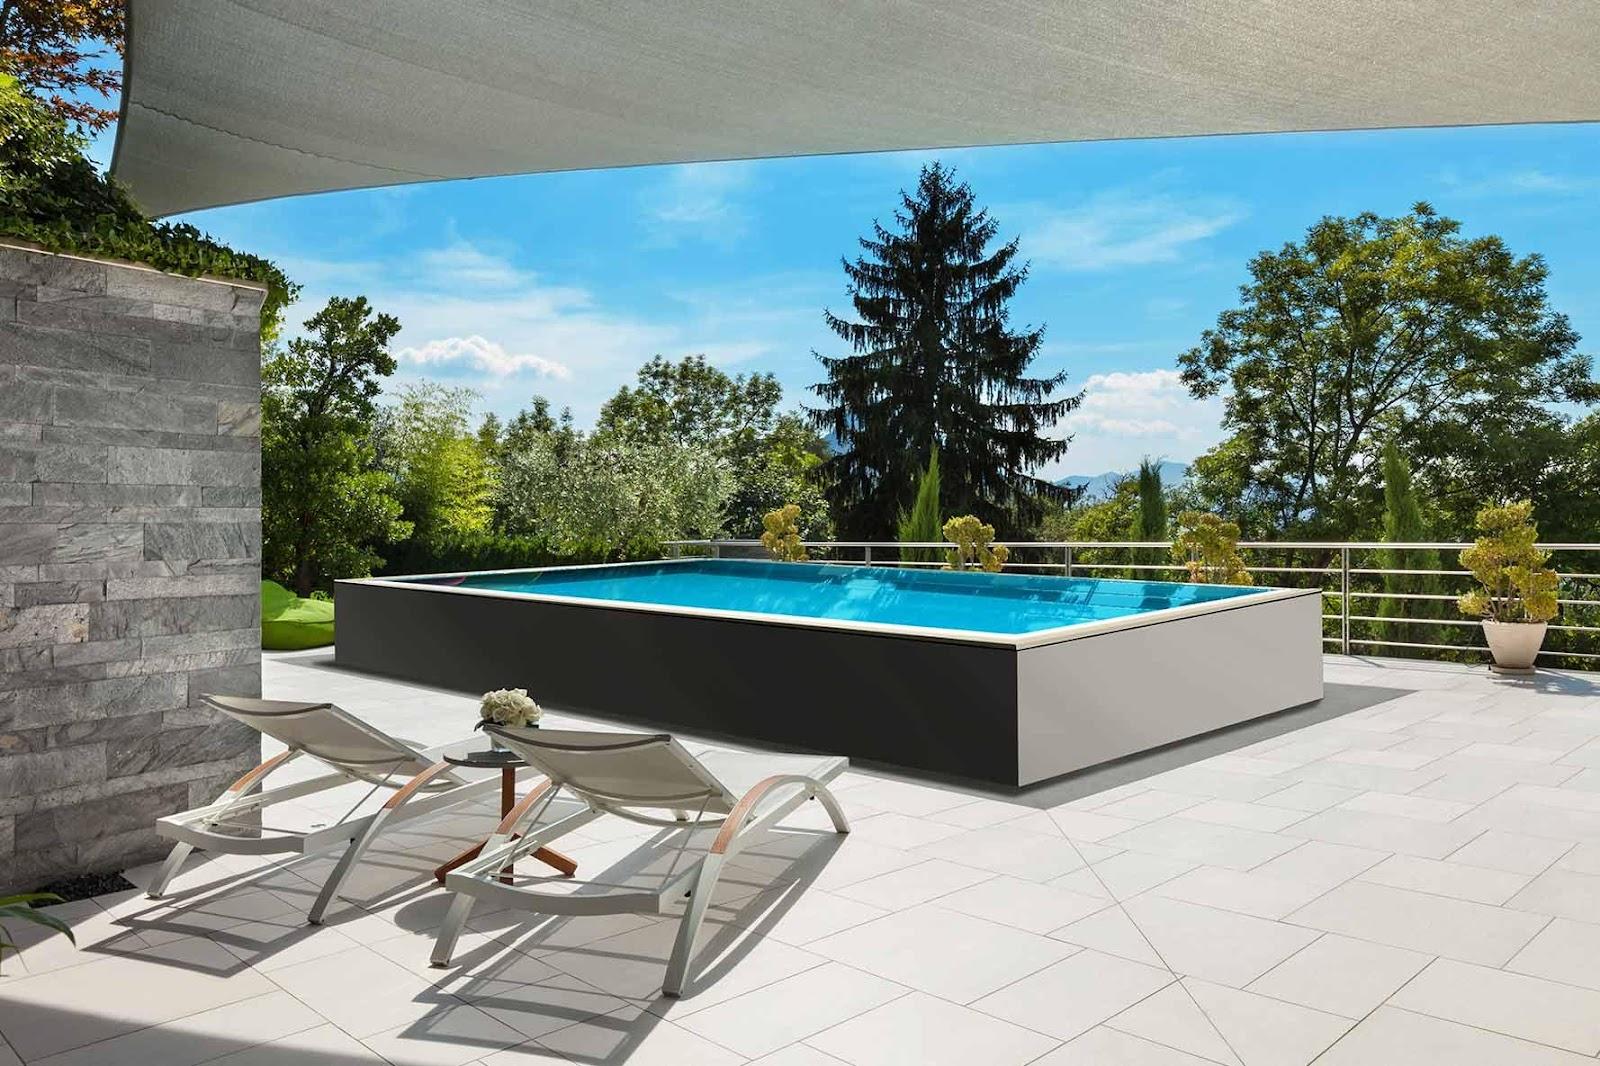 Image result for piscine fuori terra sfioro proleader